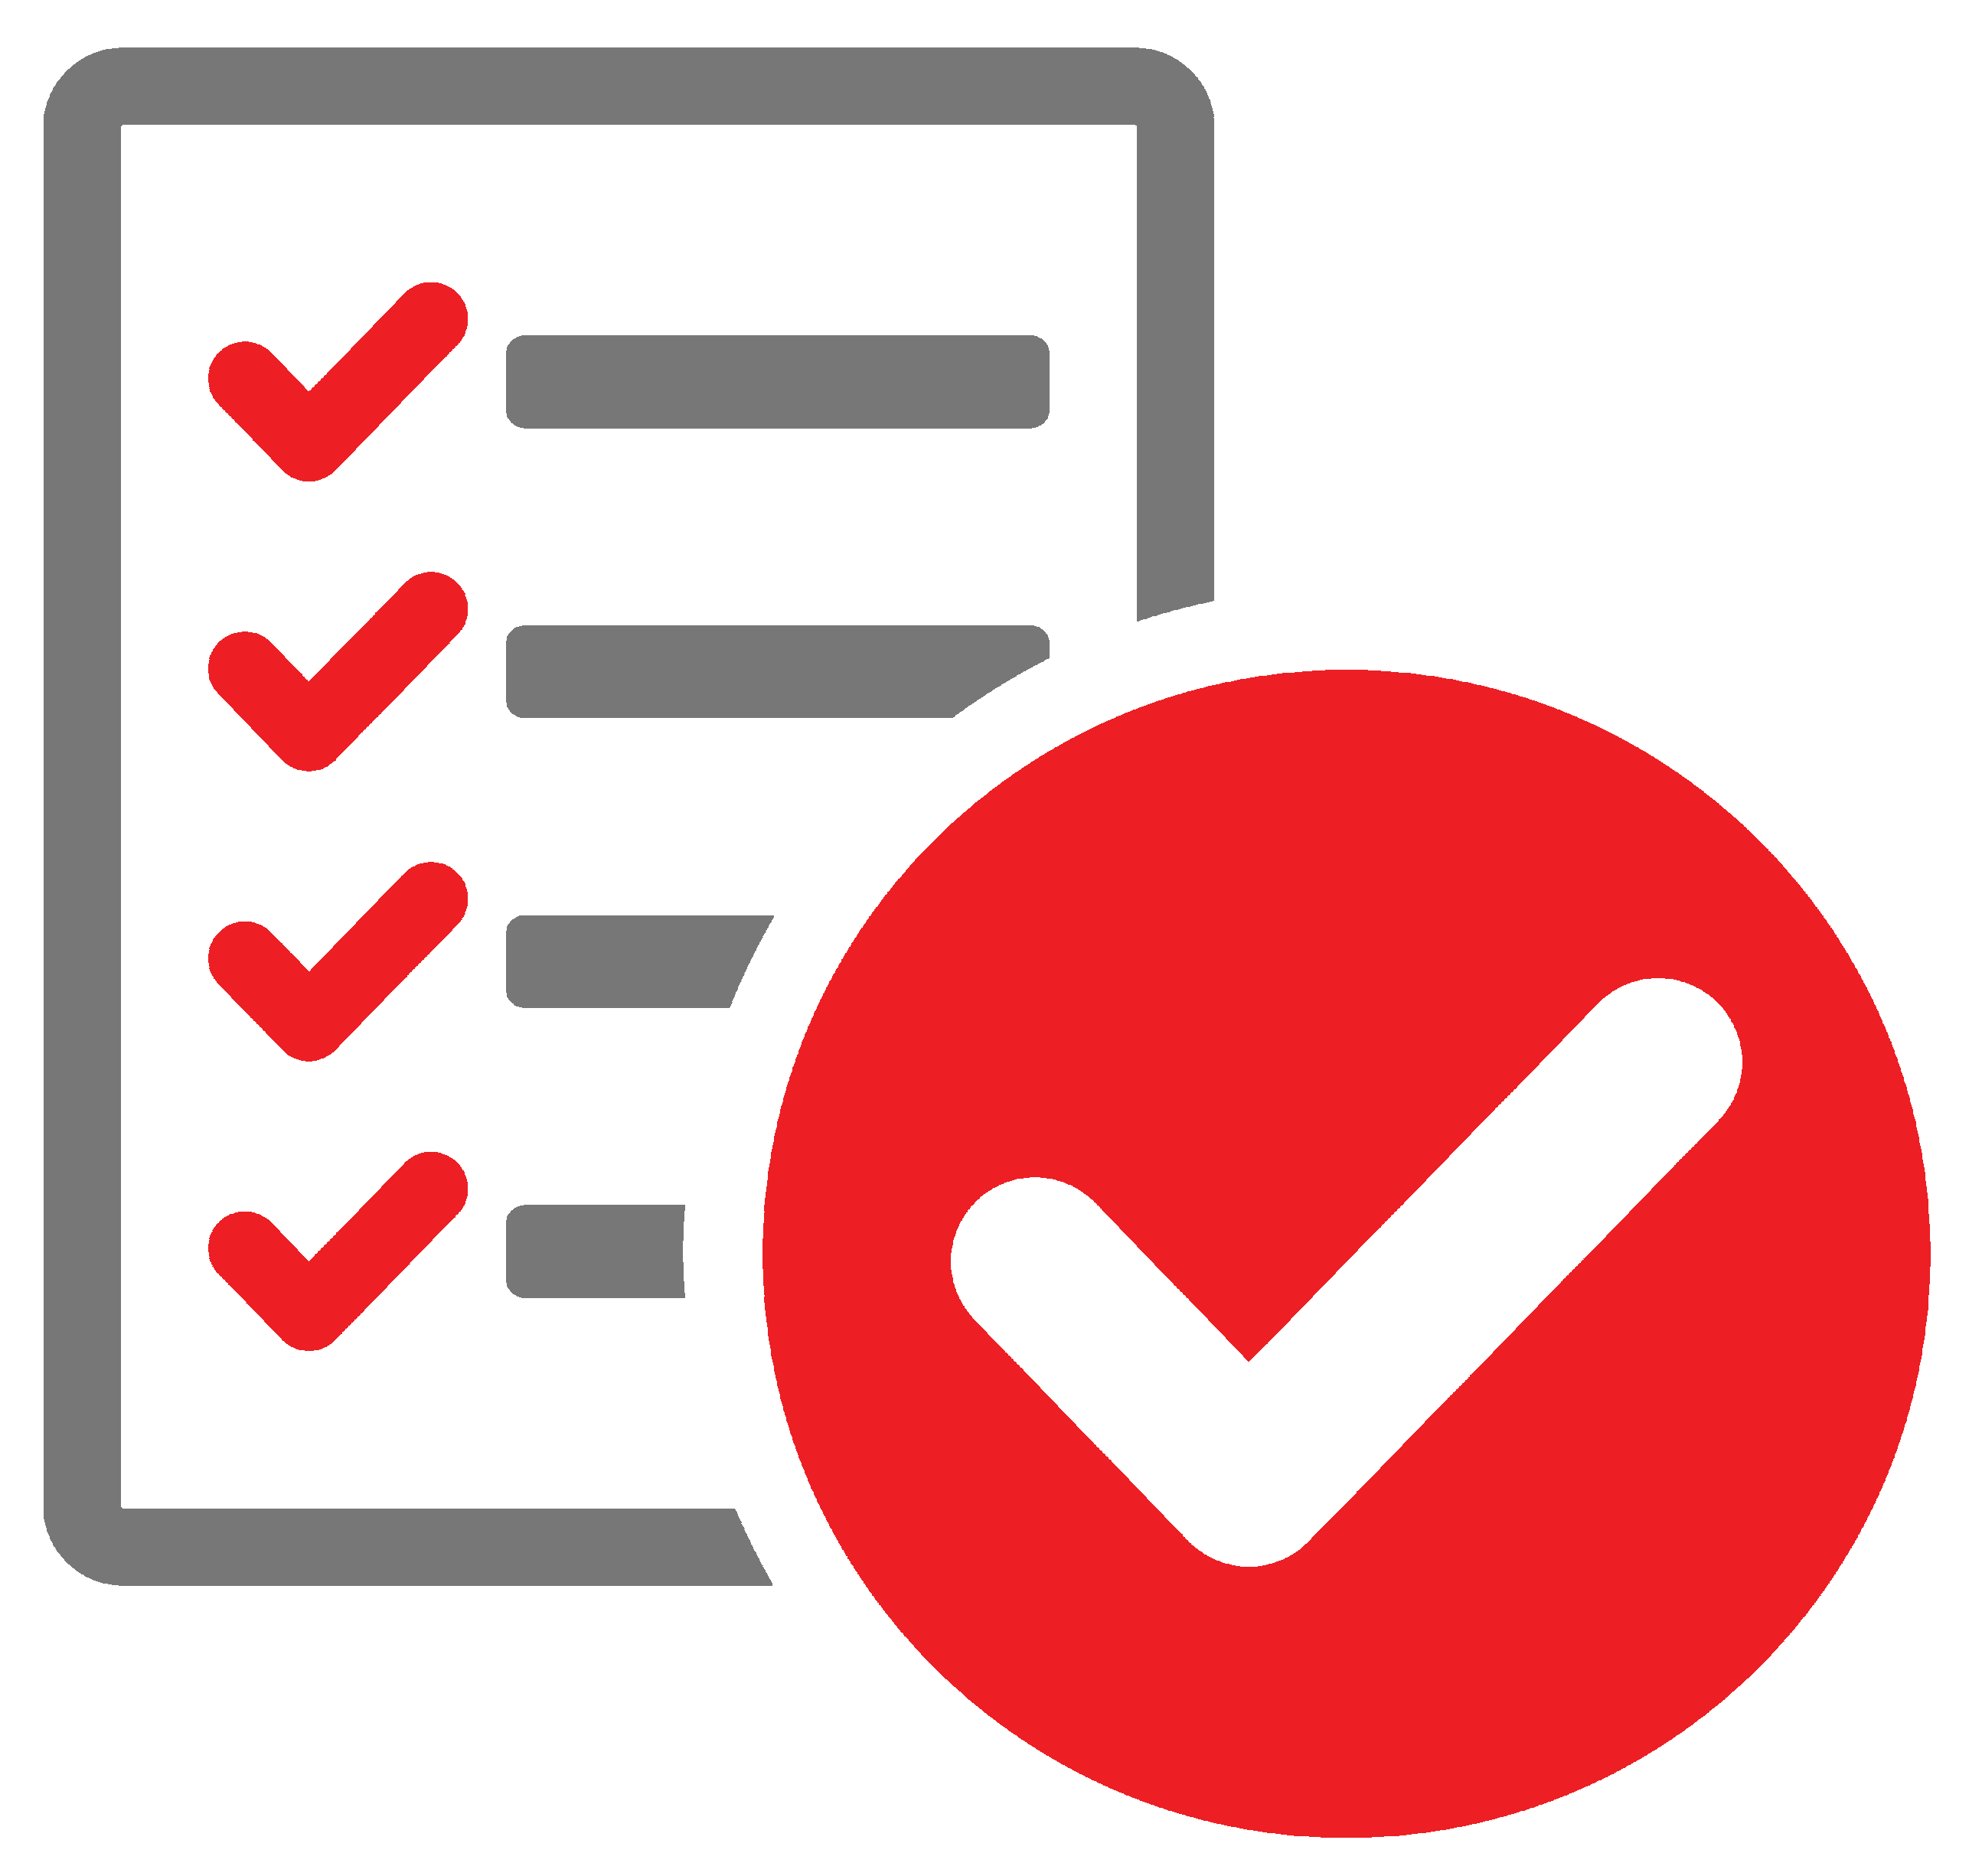 ebook Therapiemotivation: Zur Spezifizierung